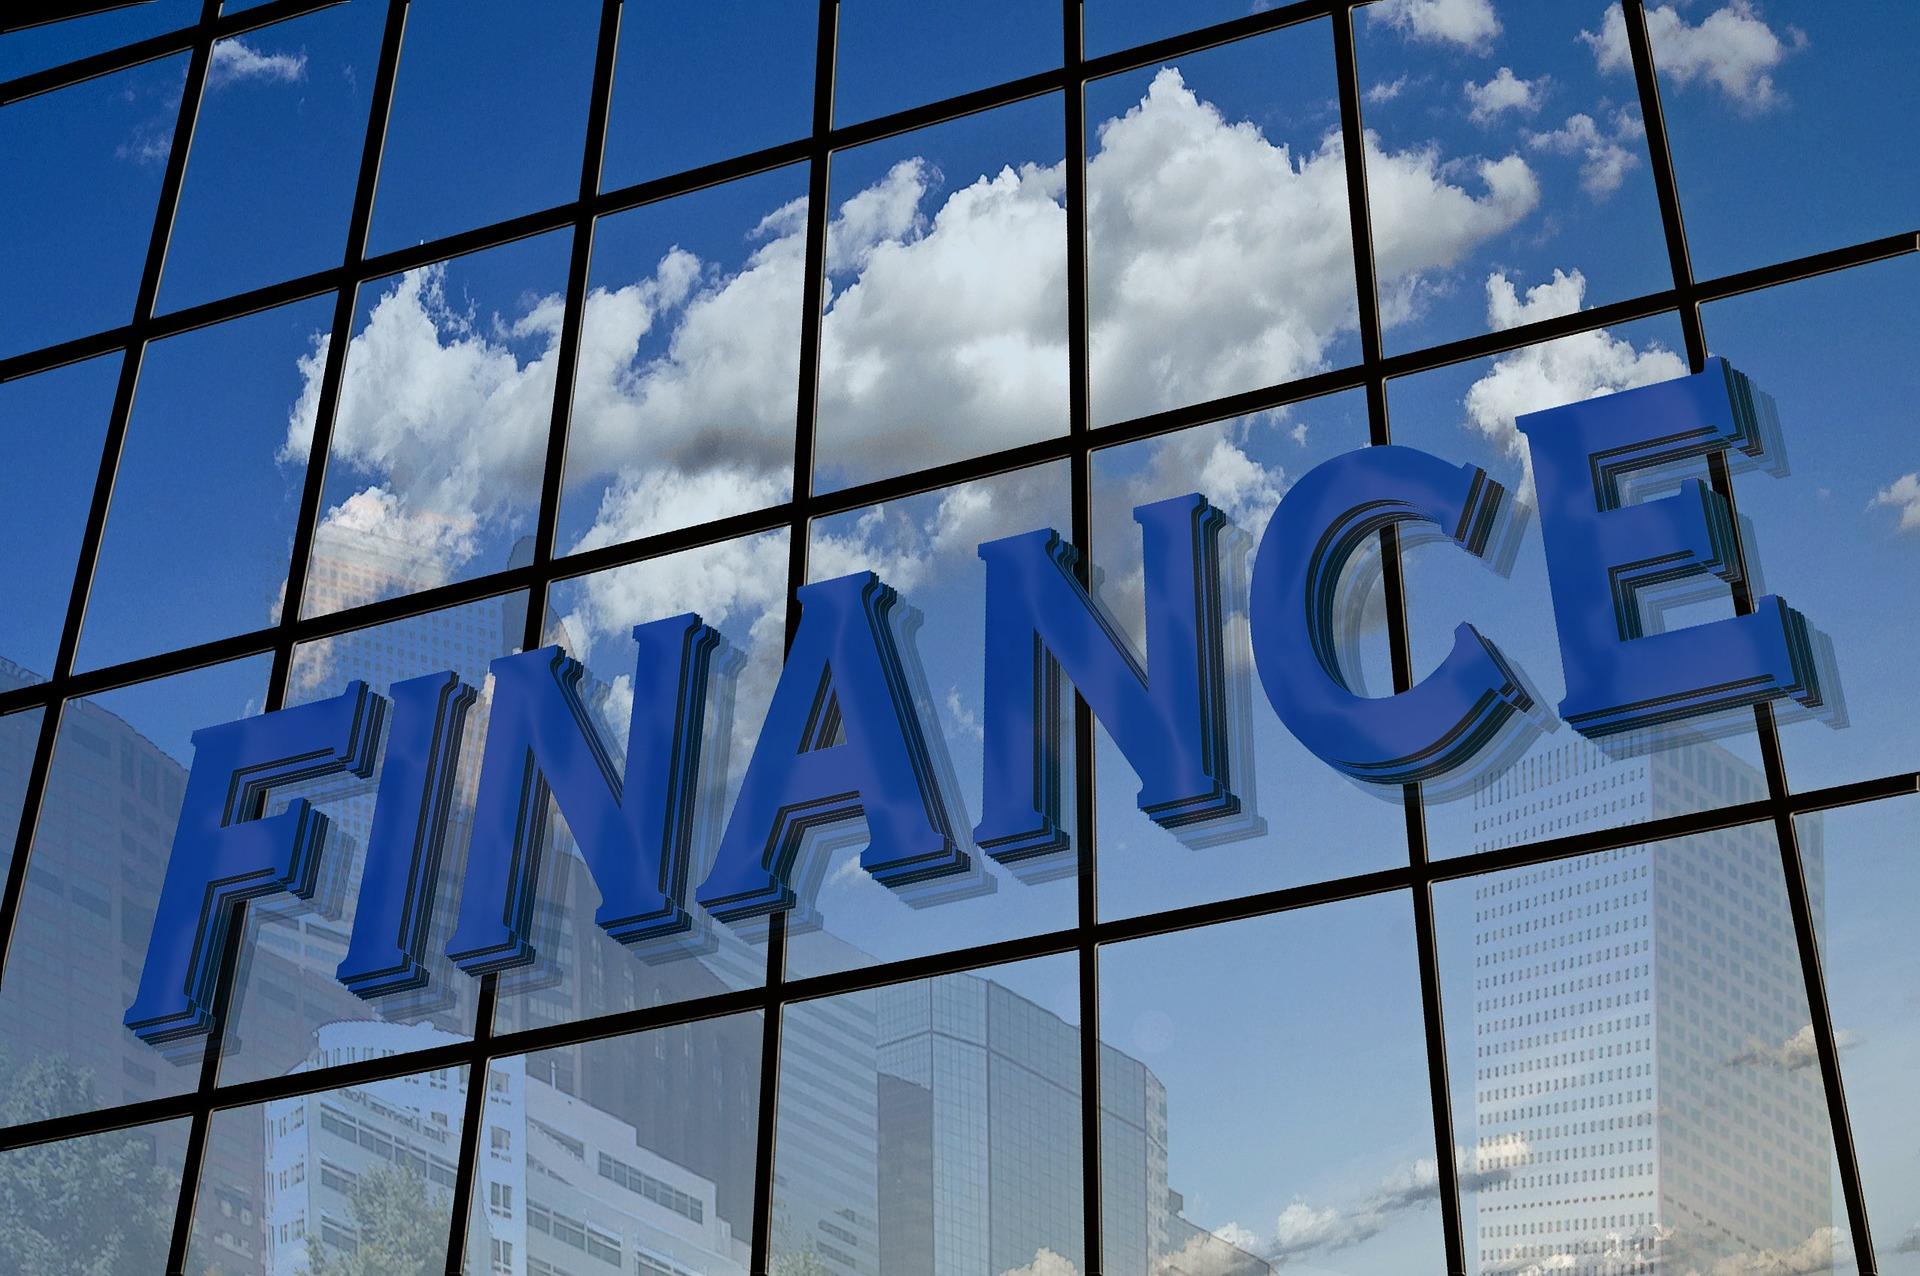 FINANCEの文字が浮かび上がるビルの窓に映る白い雲